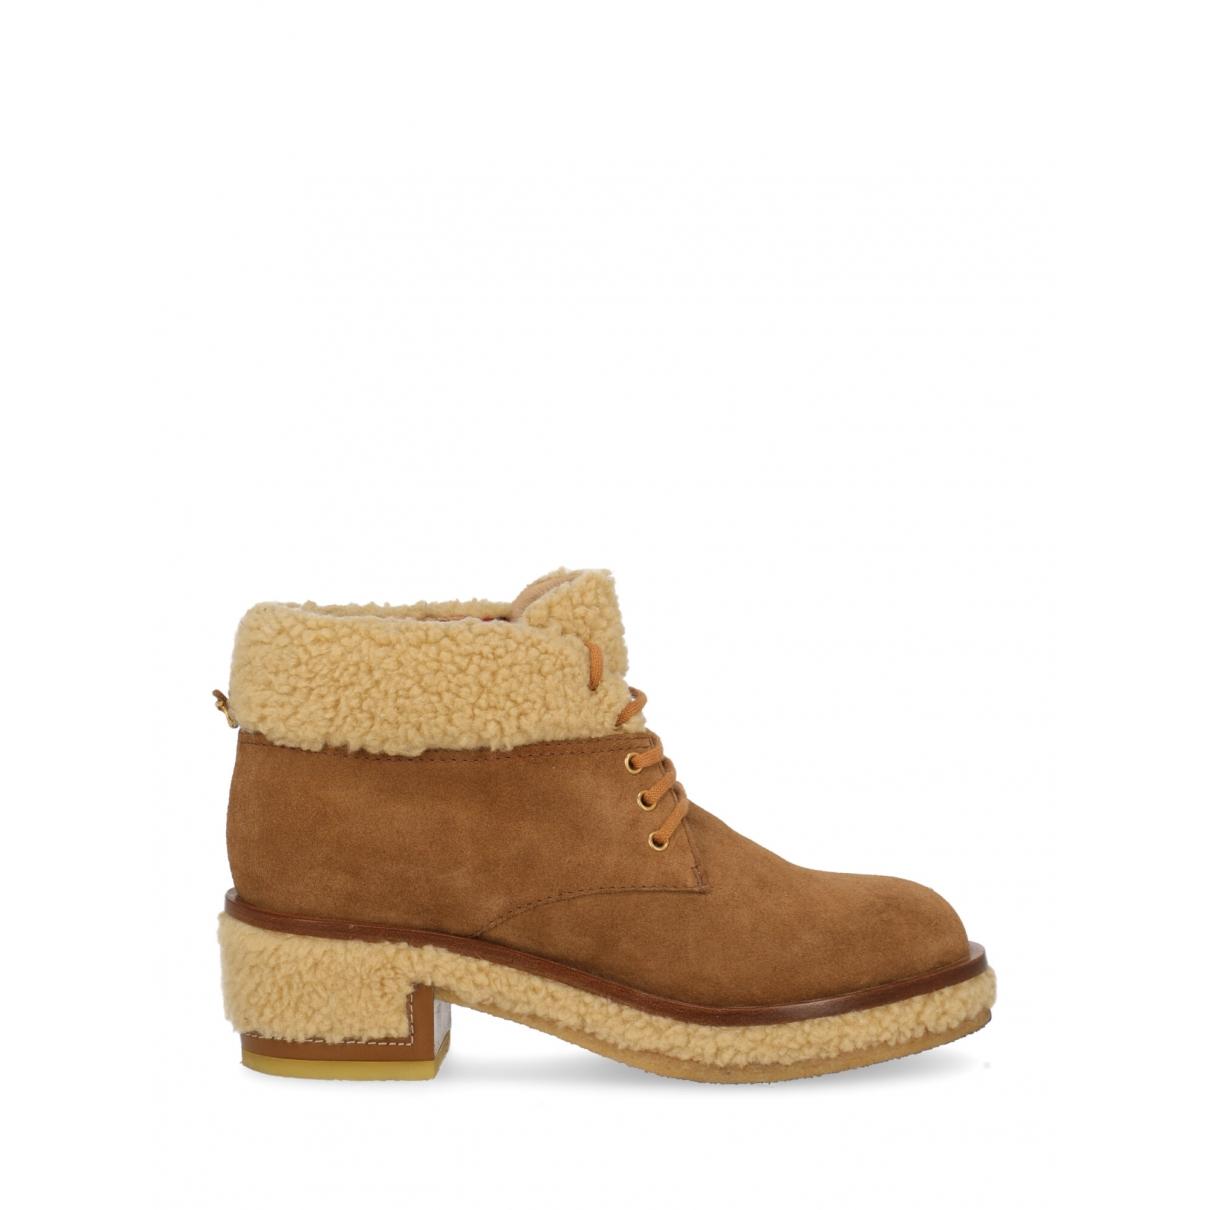 Chanel - Boots   pour femme en suede - camel